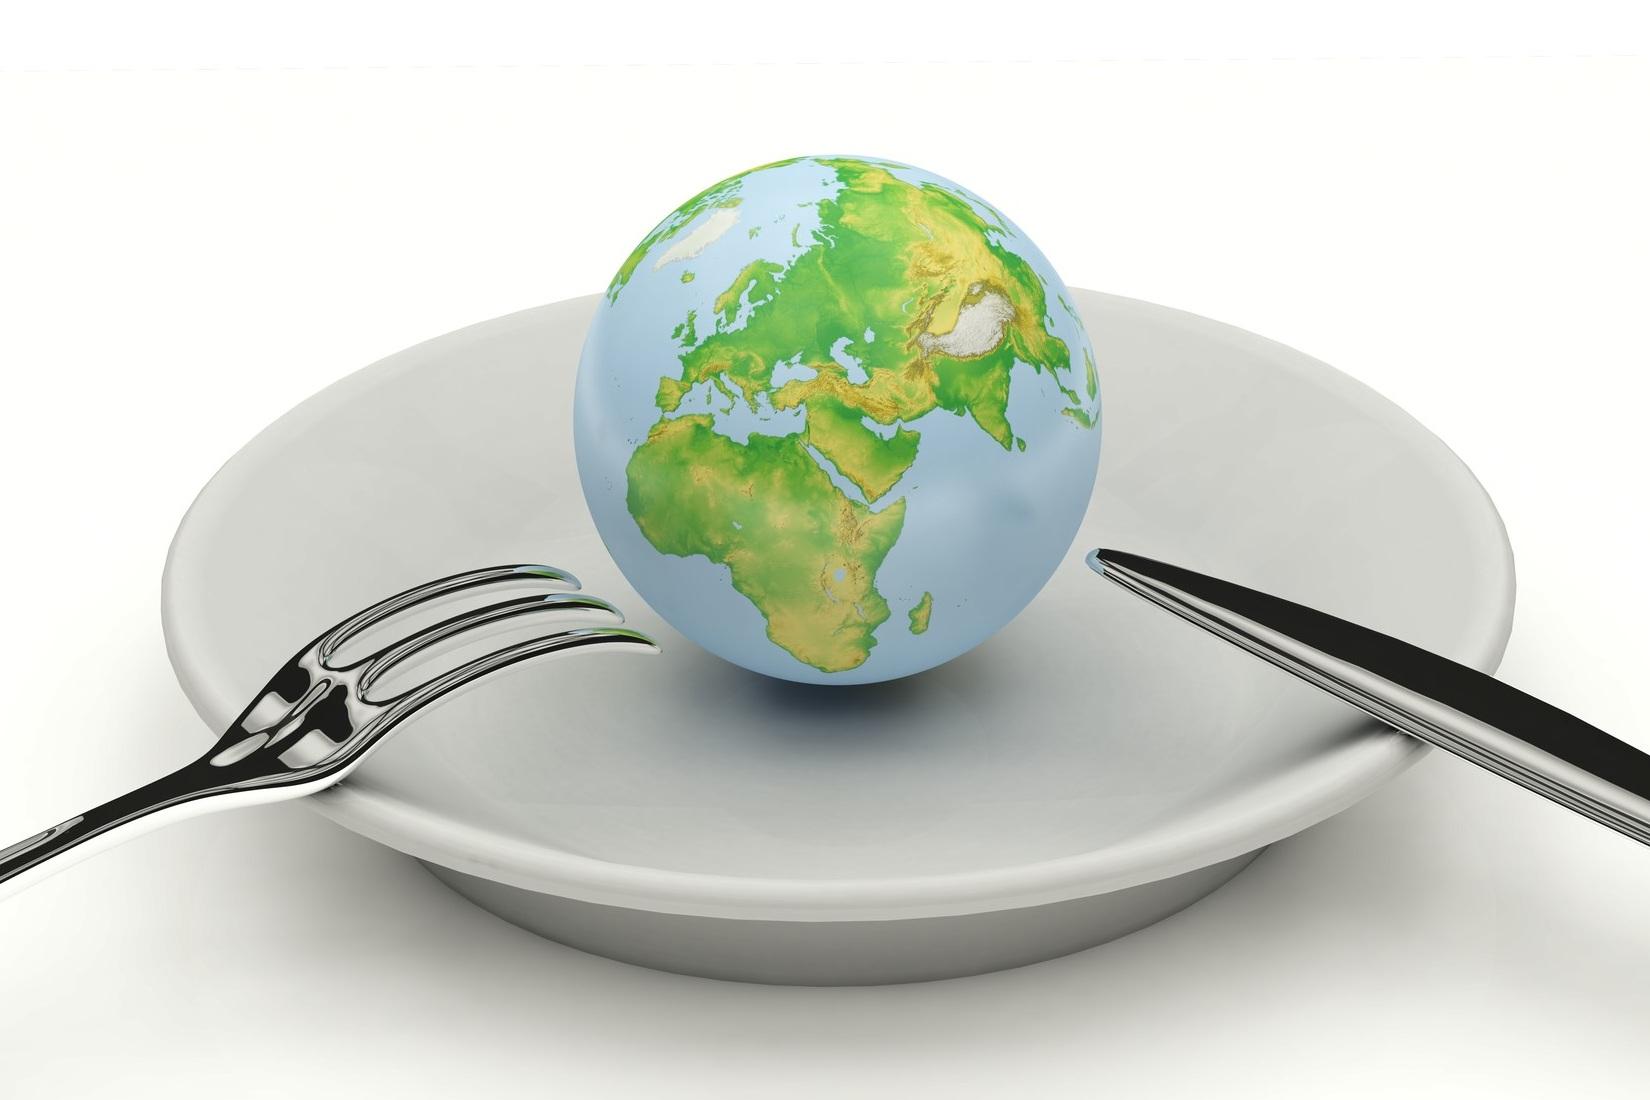 Globe+Plate.jpg